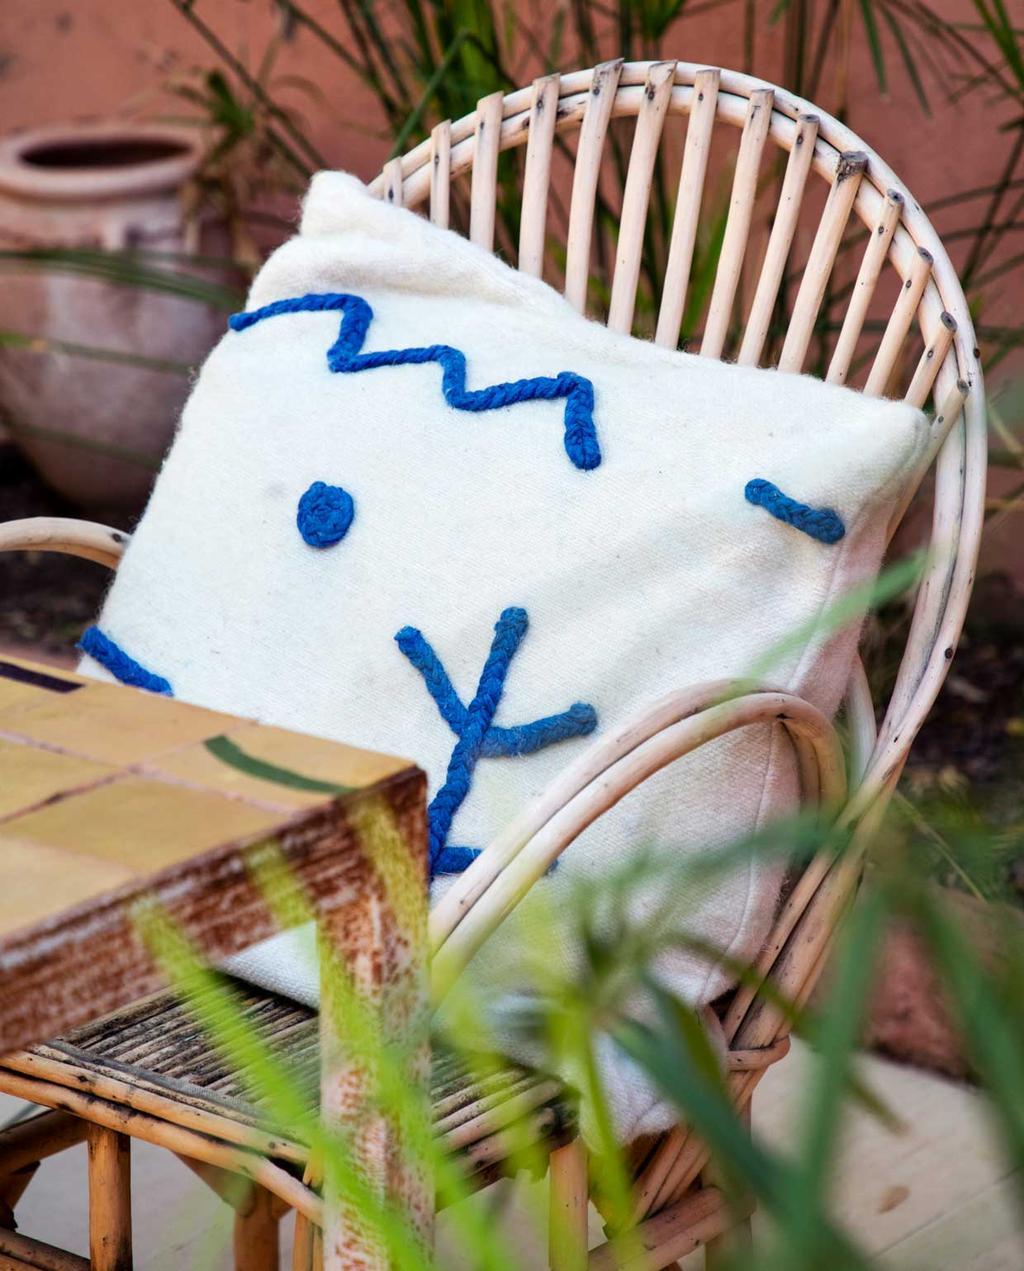 vtwonen 2020-09 | kijkkamer Marrakech | rotan buiten stoel met wit blauw kussen